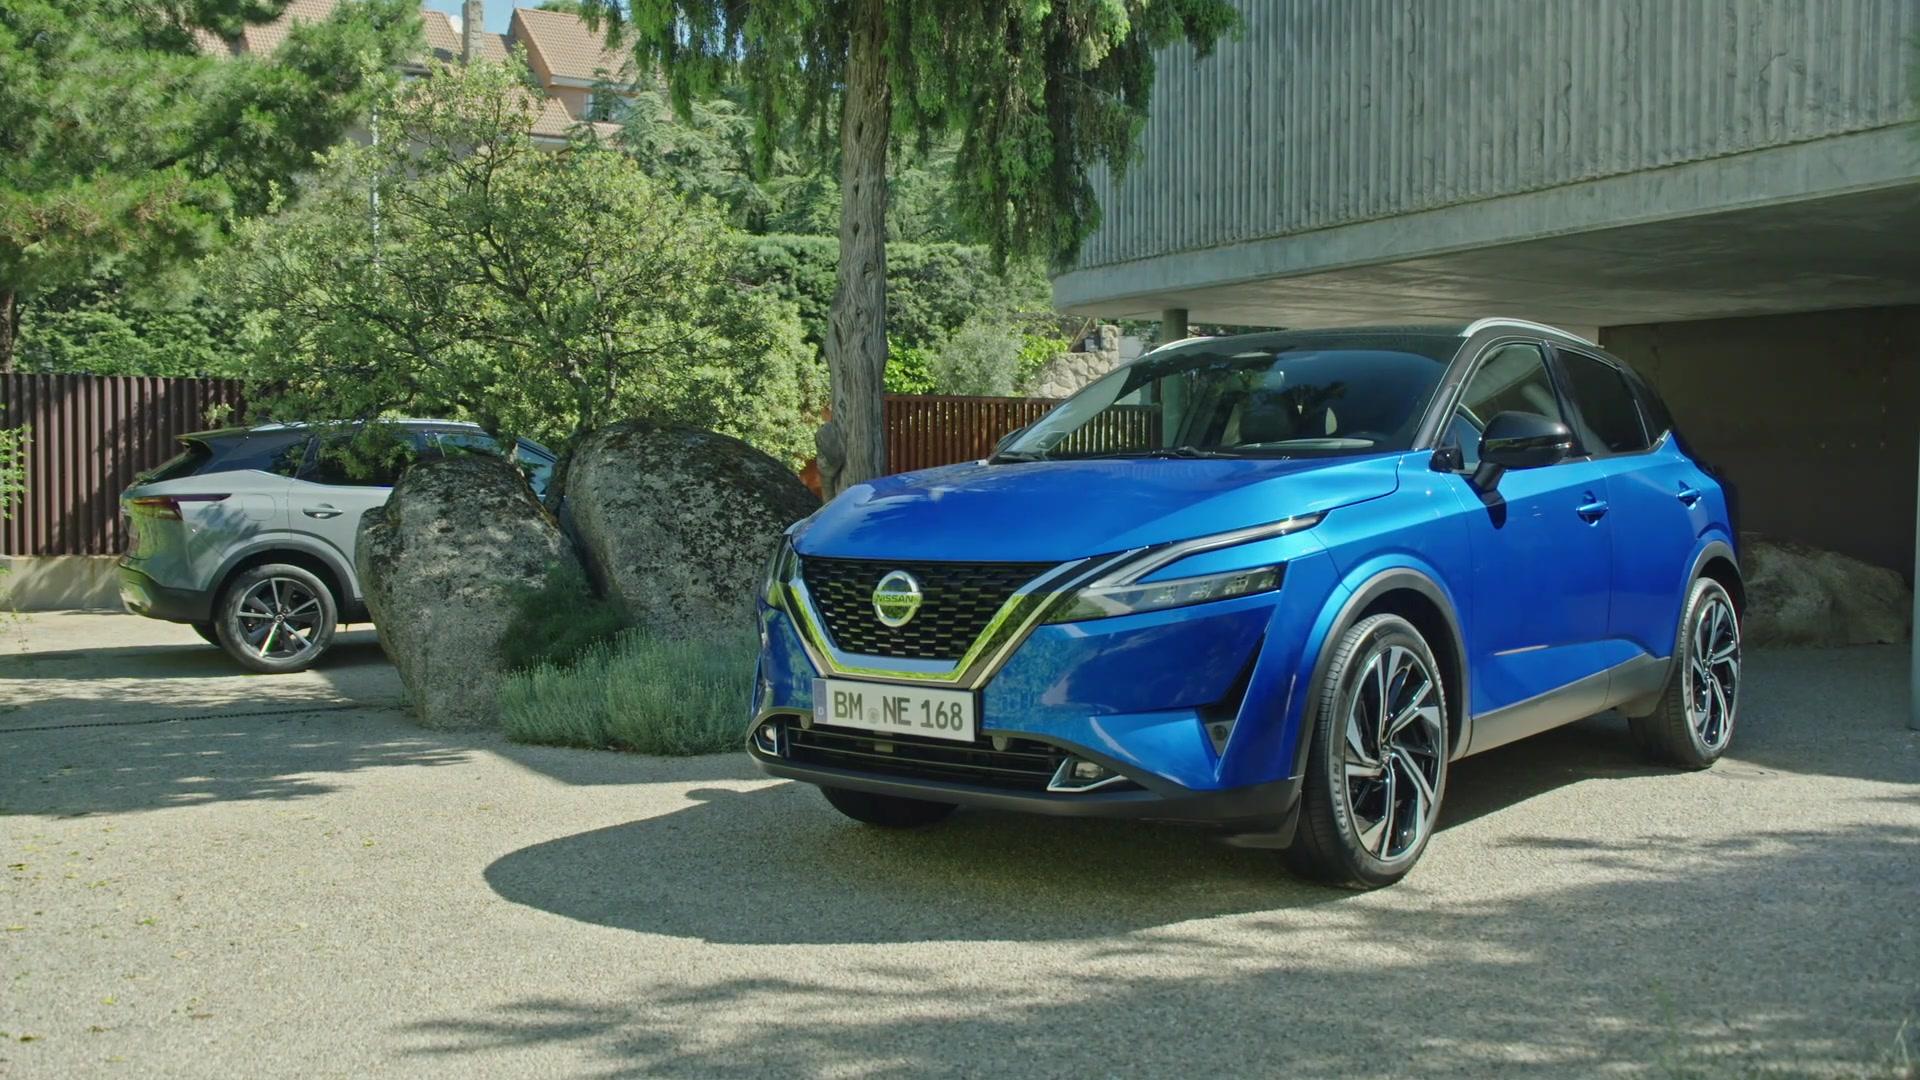 2021 Nissan Qashqai Exterior Design